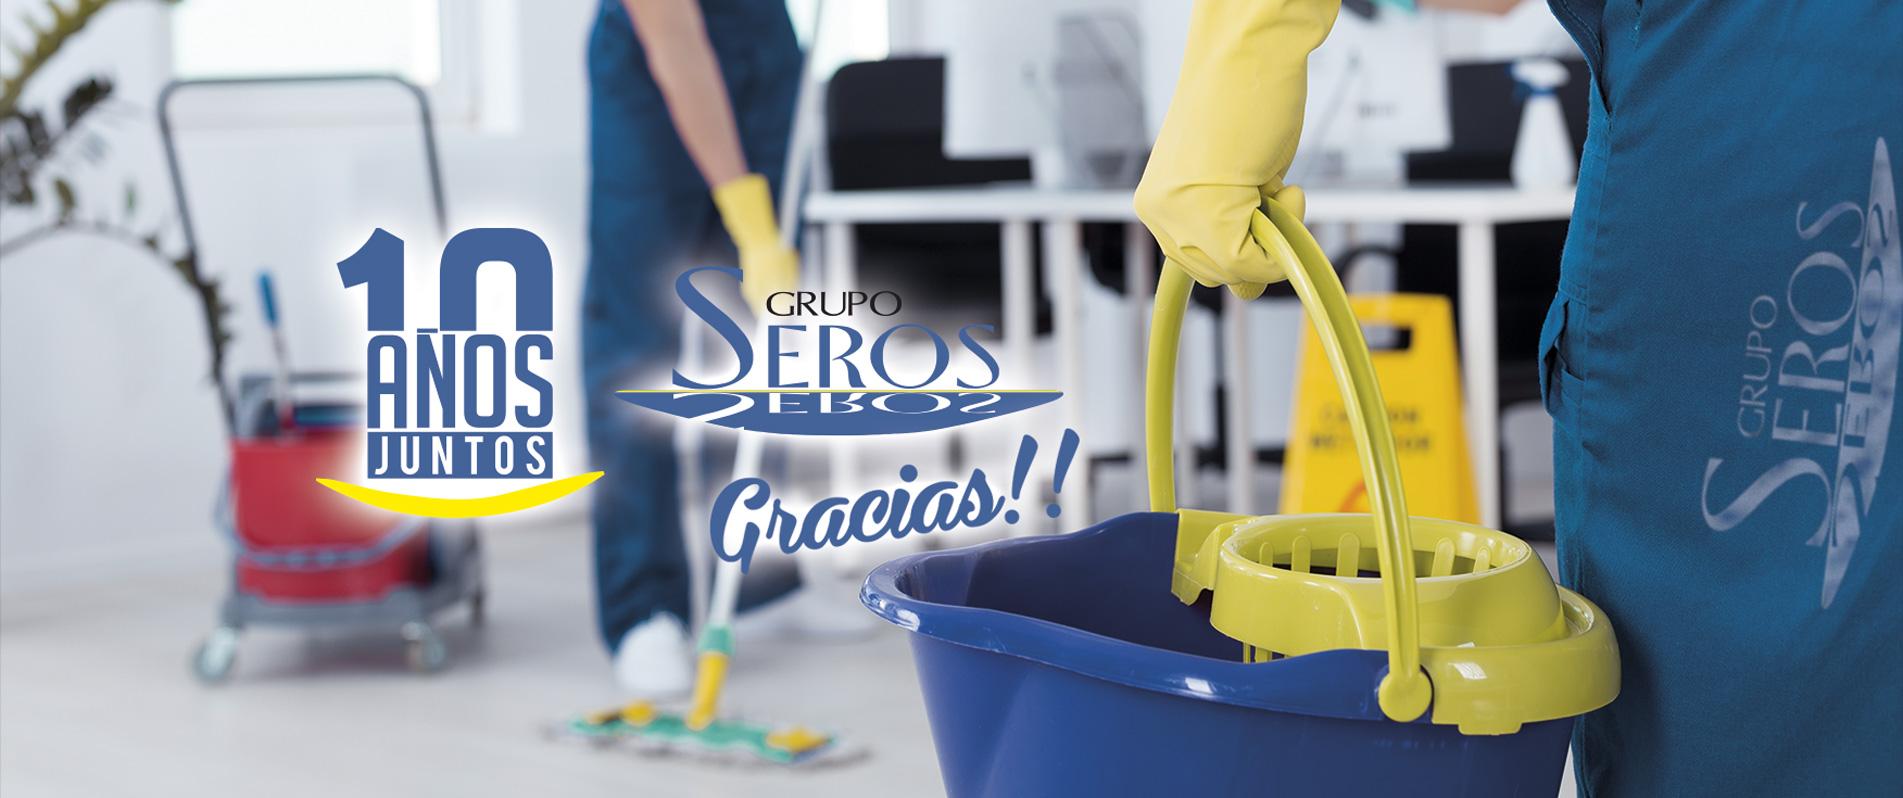 empresa de limpiezas en burgos seros multiservicios